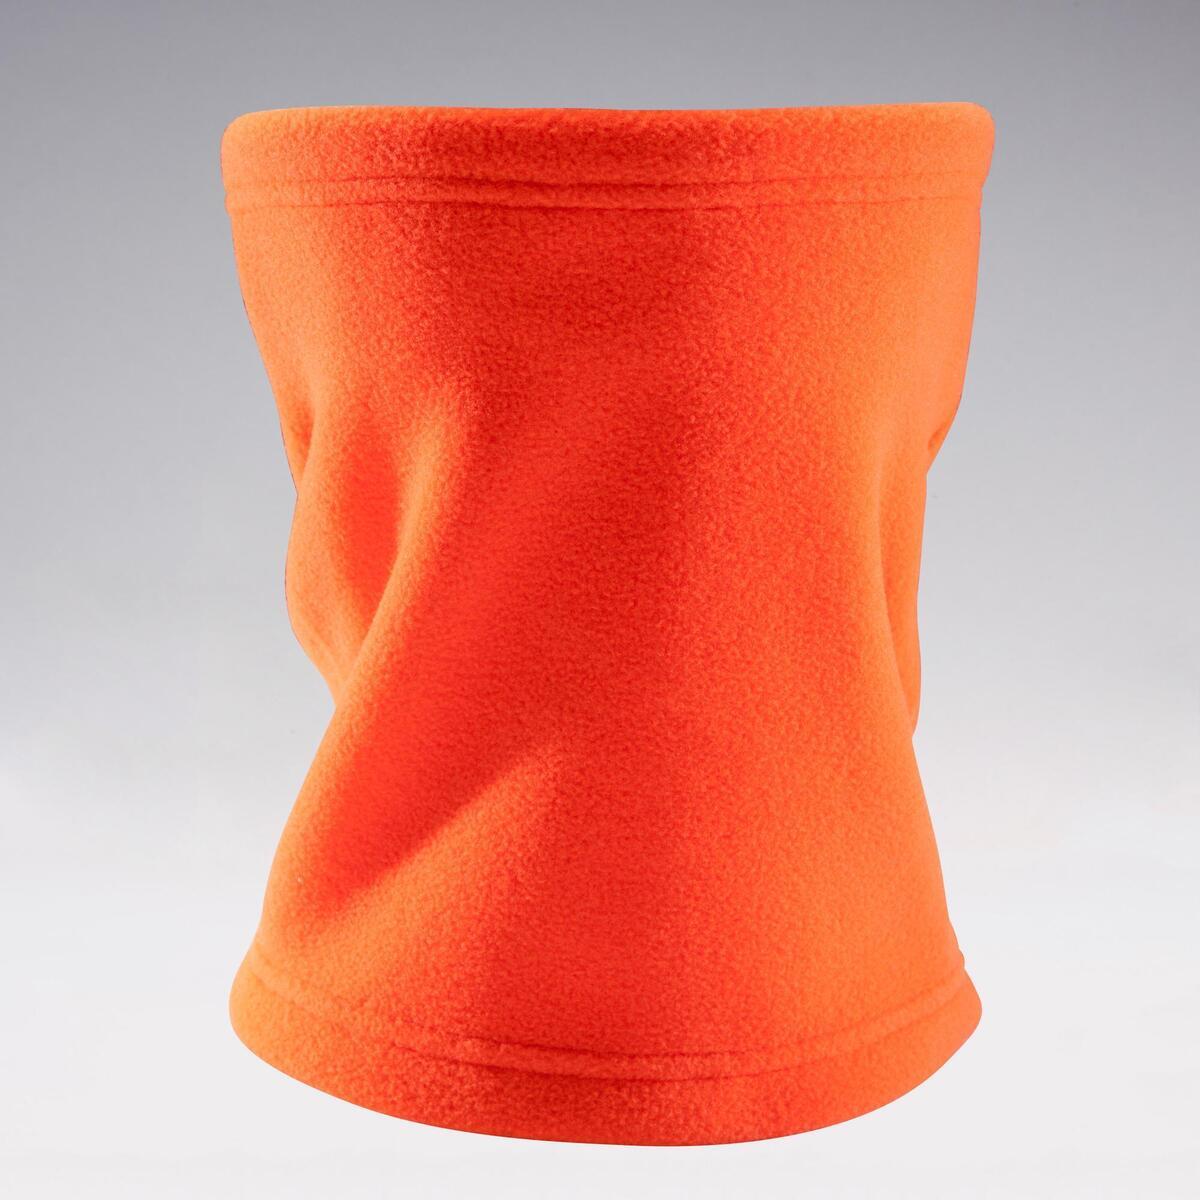 Bild 2 von Schlauchschal Keepwarm 100 orange